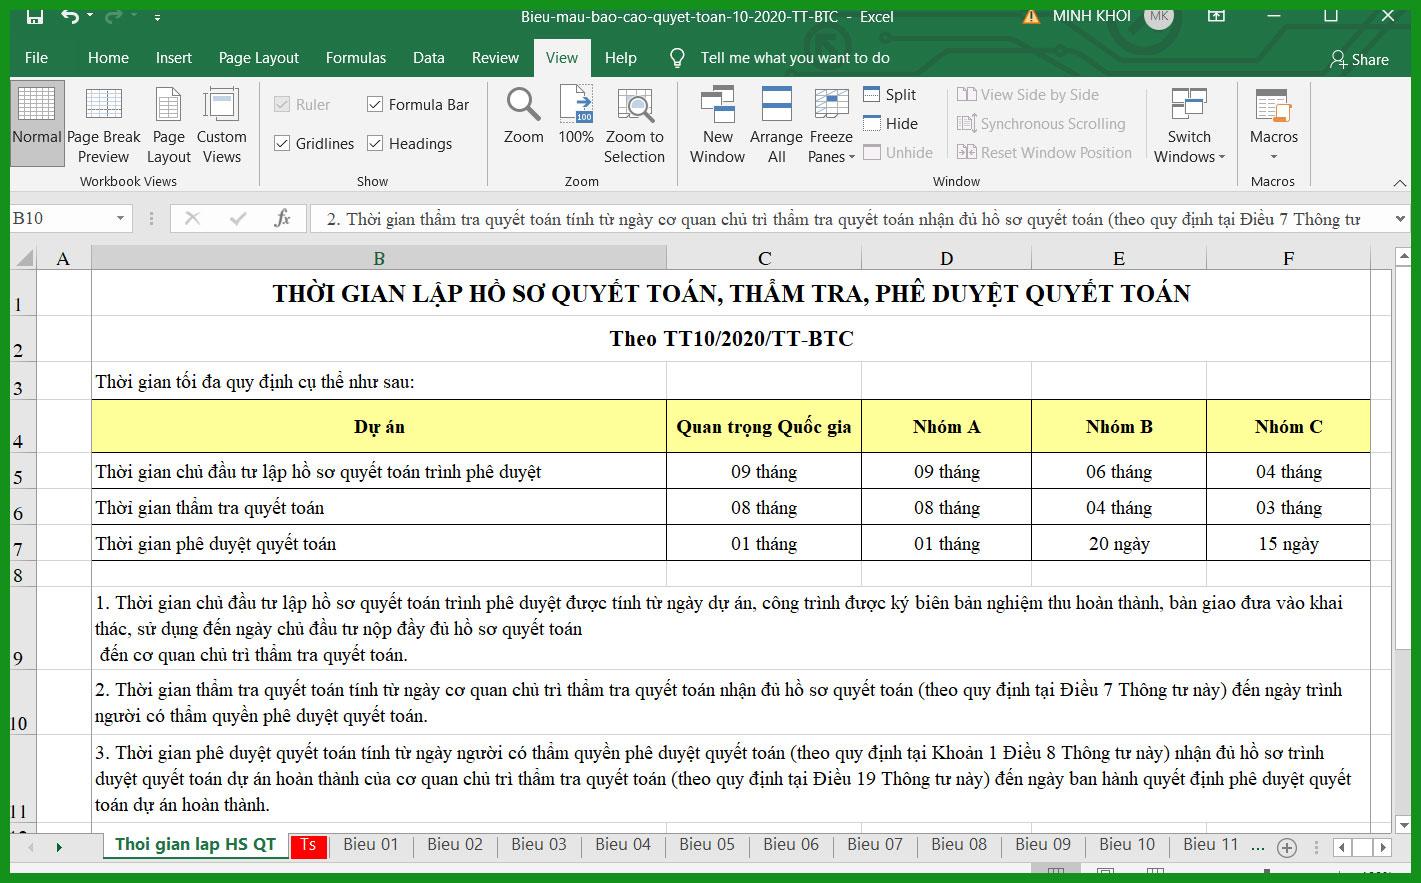 phu-luc-thong-tu-10-2020-tt-btc-file-excel